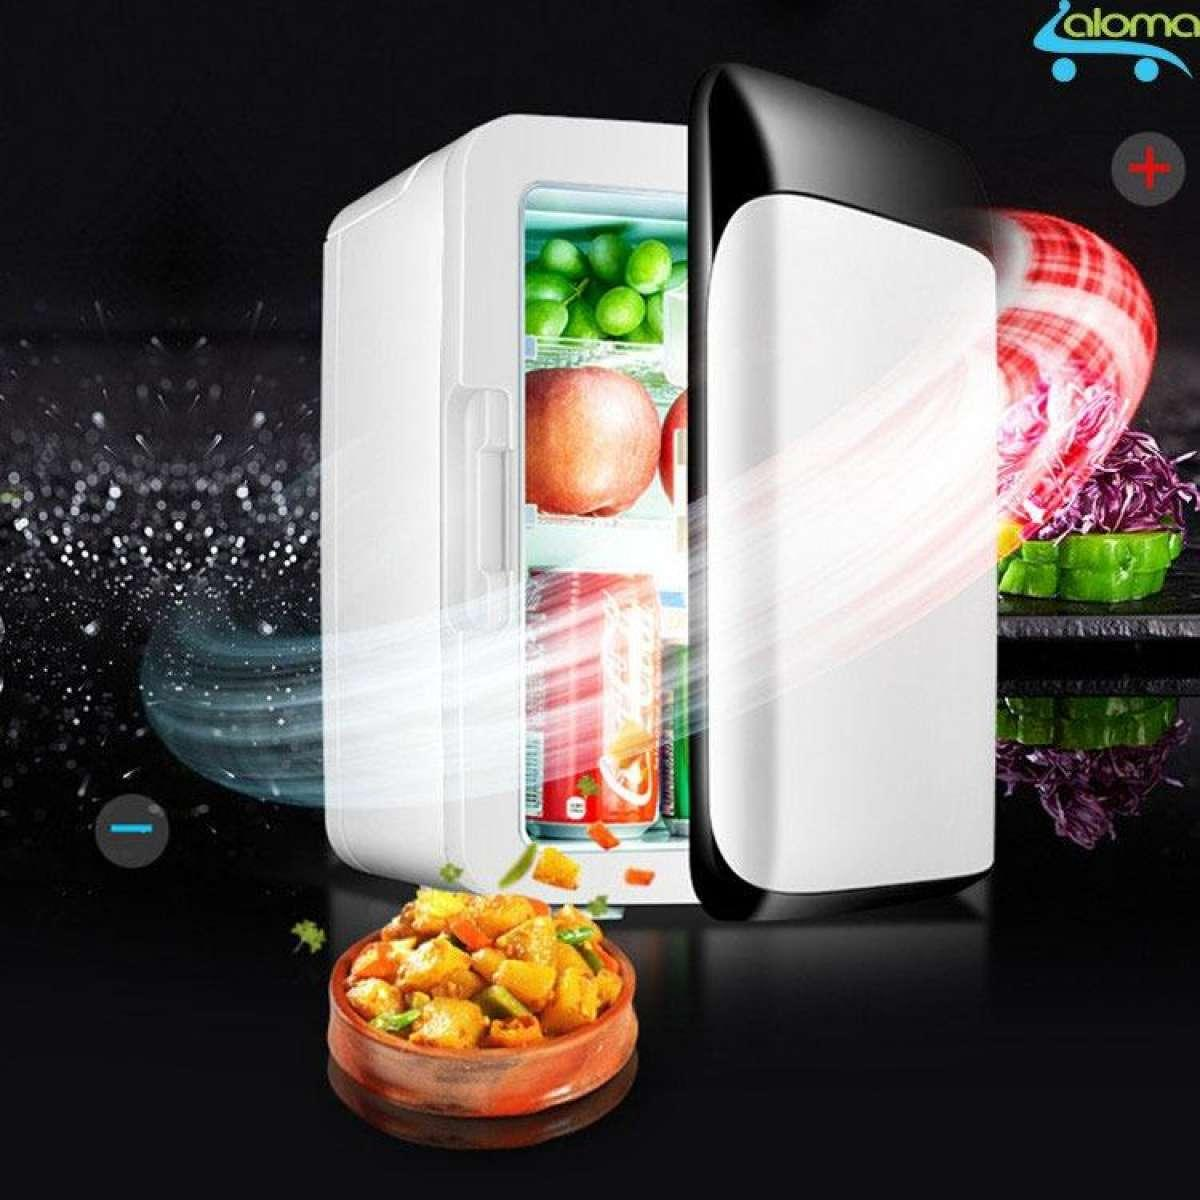 Tủ lạnh mini MarryCar 2 chế độ nóng 65 độ lạnh 5 độ dung tích 10 lít